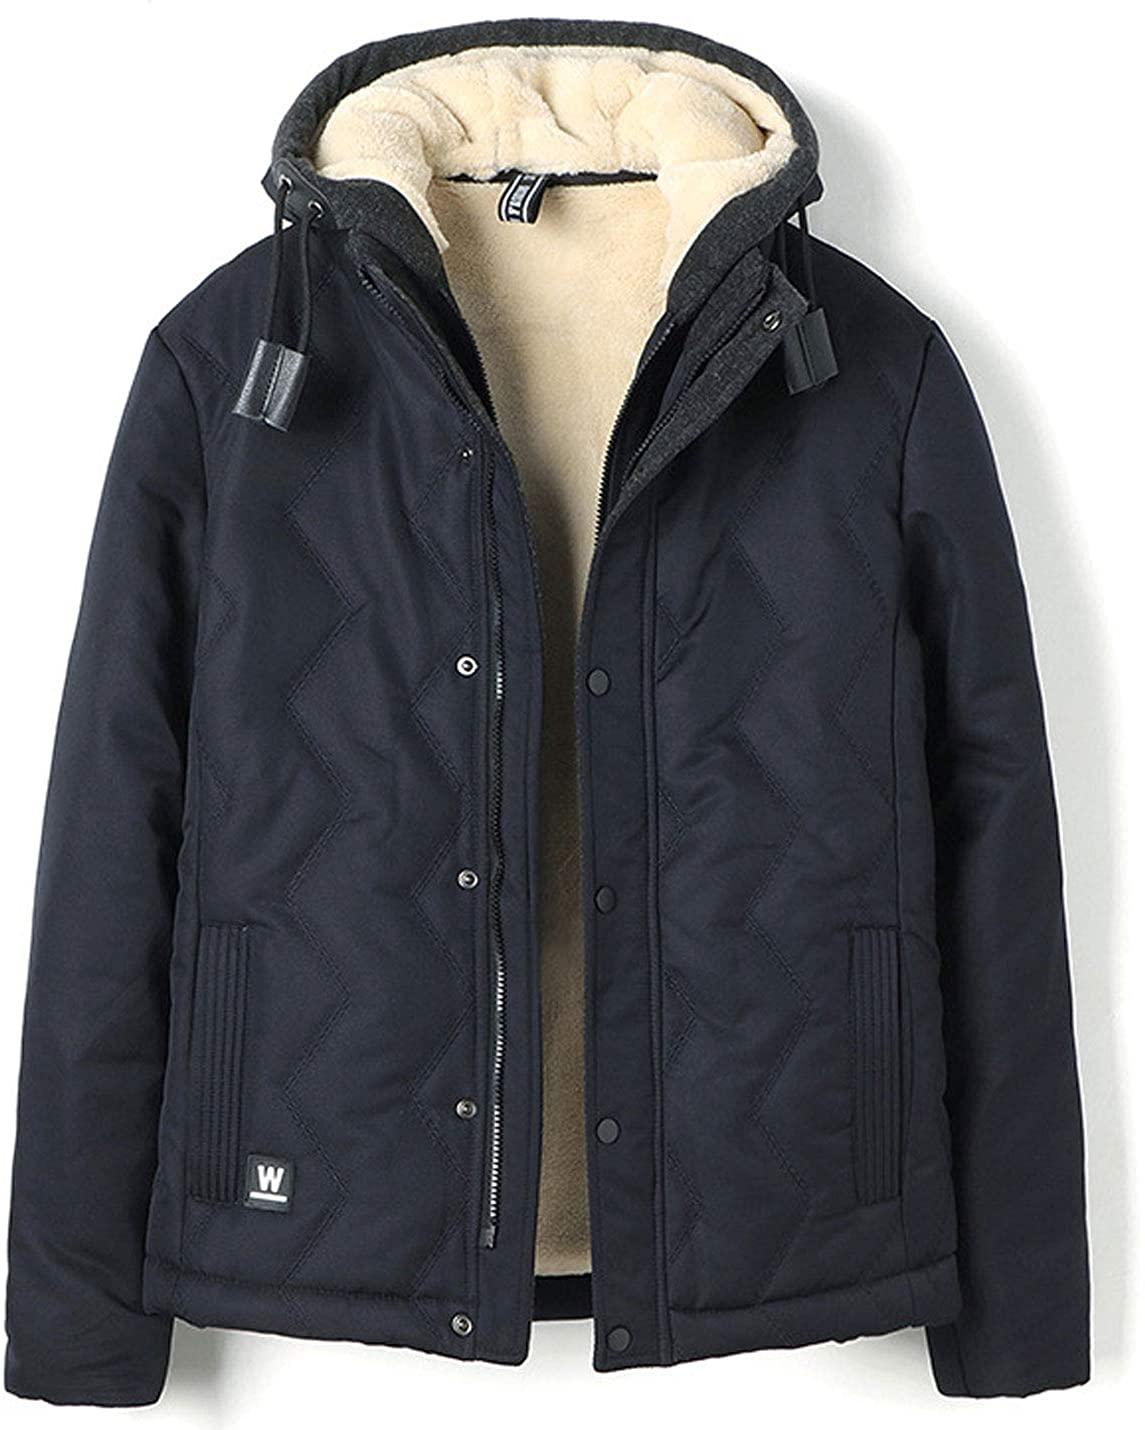 Flygo Men's Winter Remoevable Hooded Sherpa Faux Fur Lined Warm Jacket Outwear